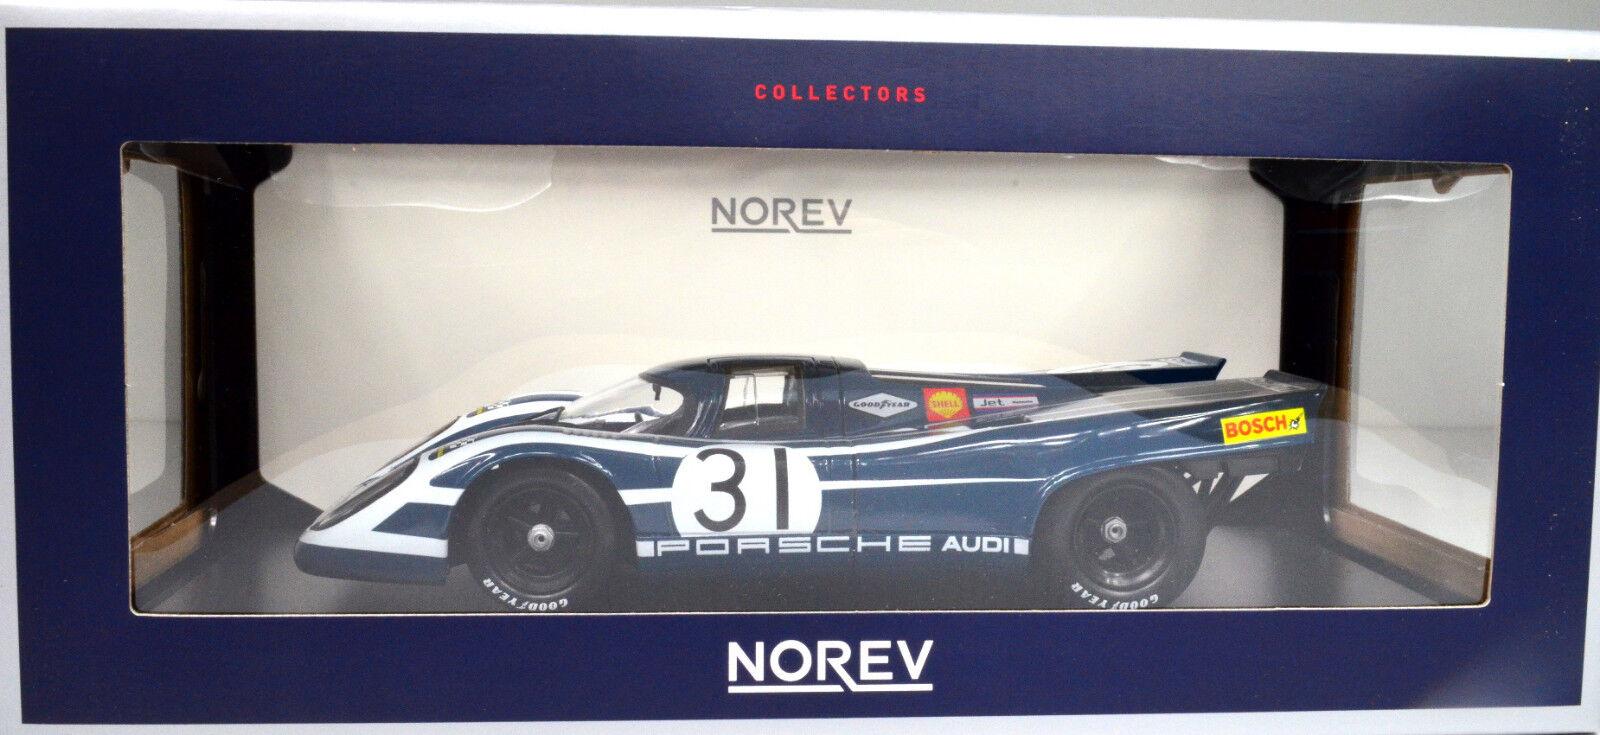 Porsche 917K Baujahr 1970   31 31 31 Elford Hulme blau Maßstab 1 18 von Norev 736948